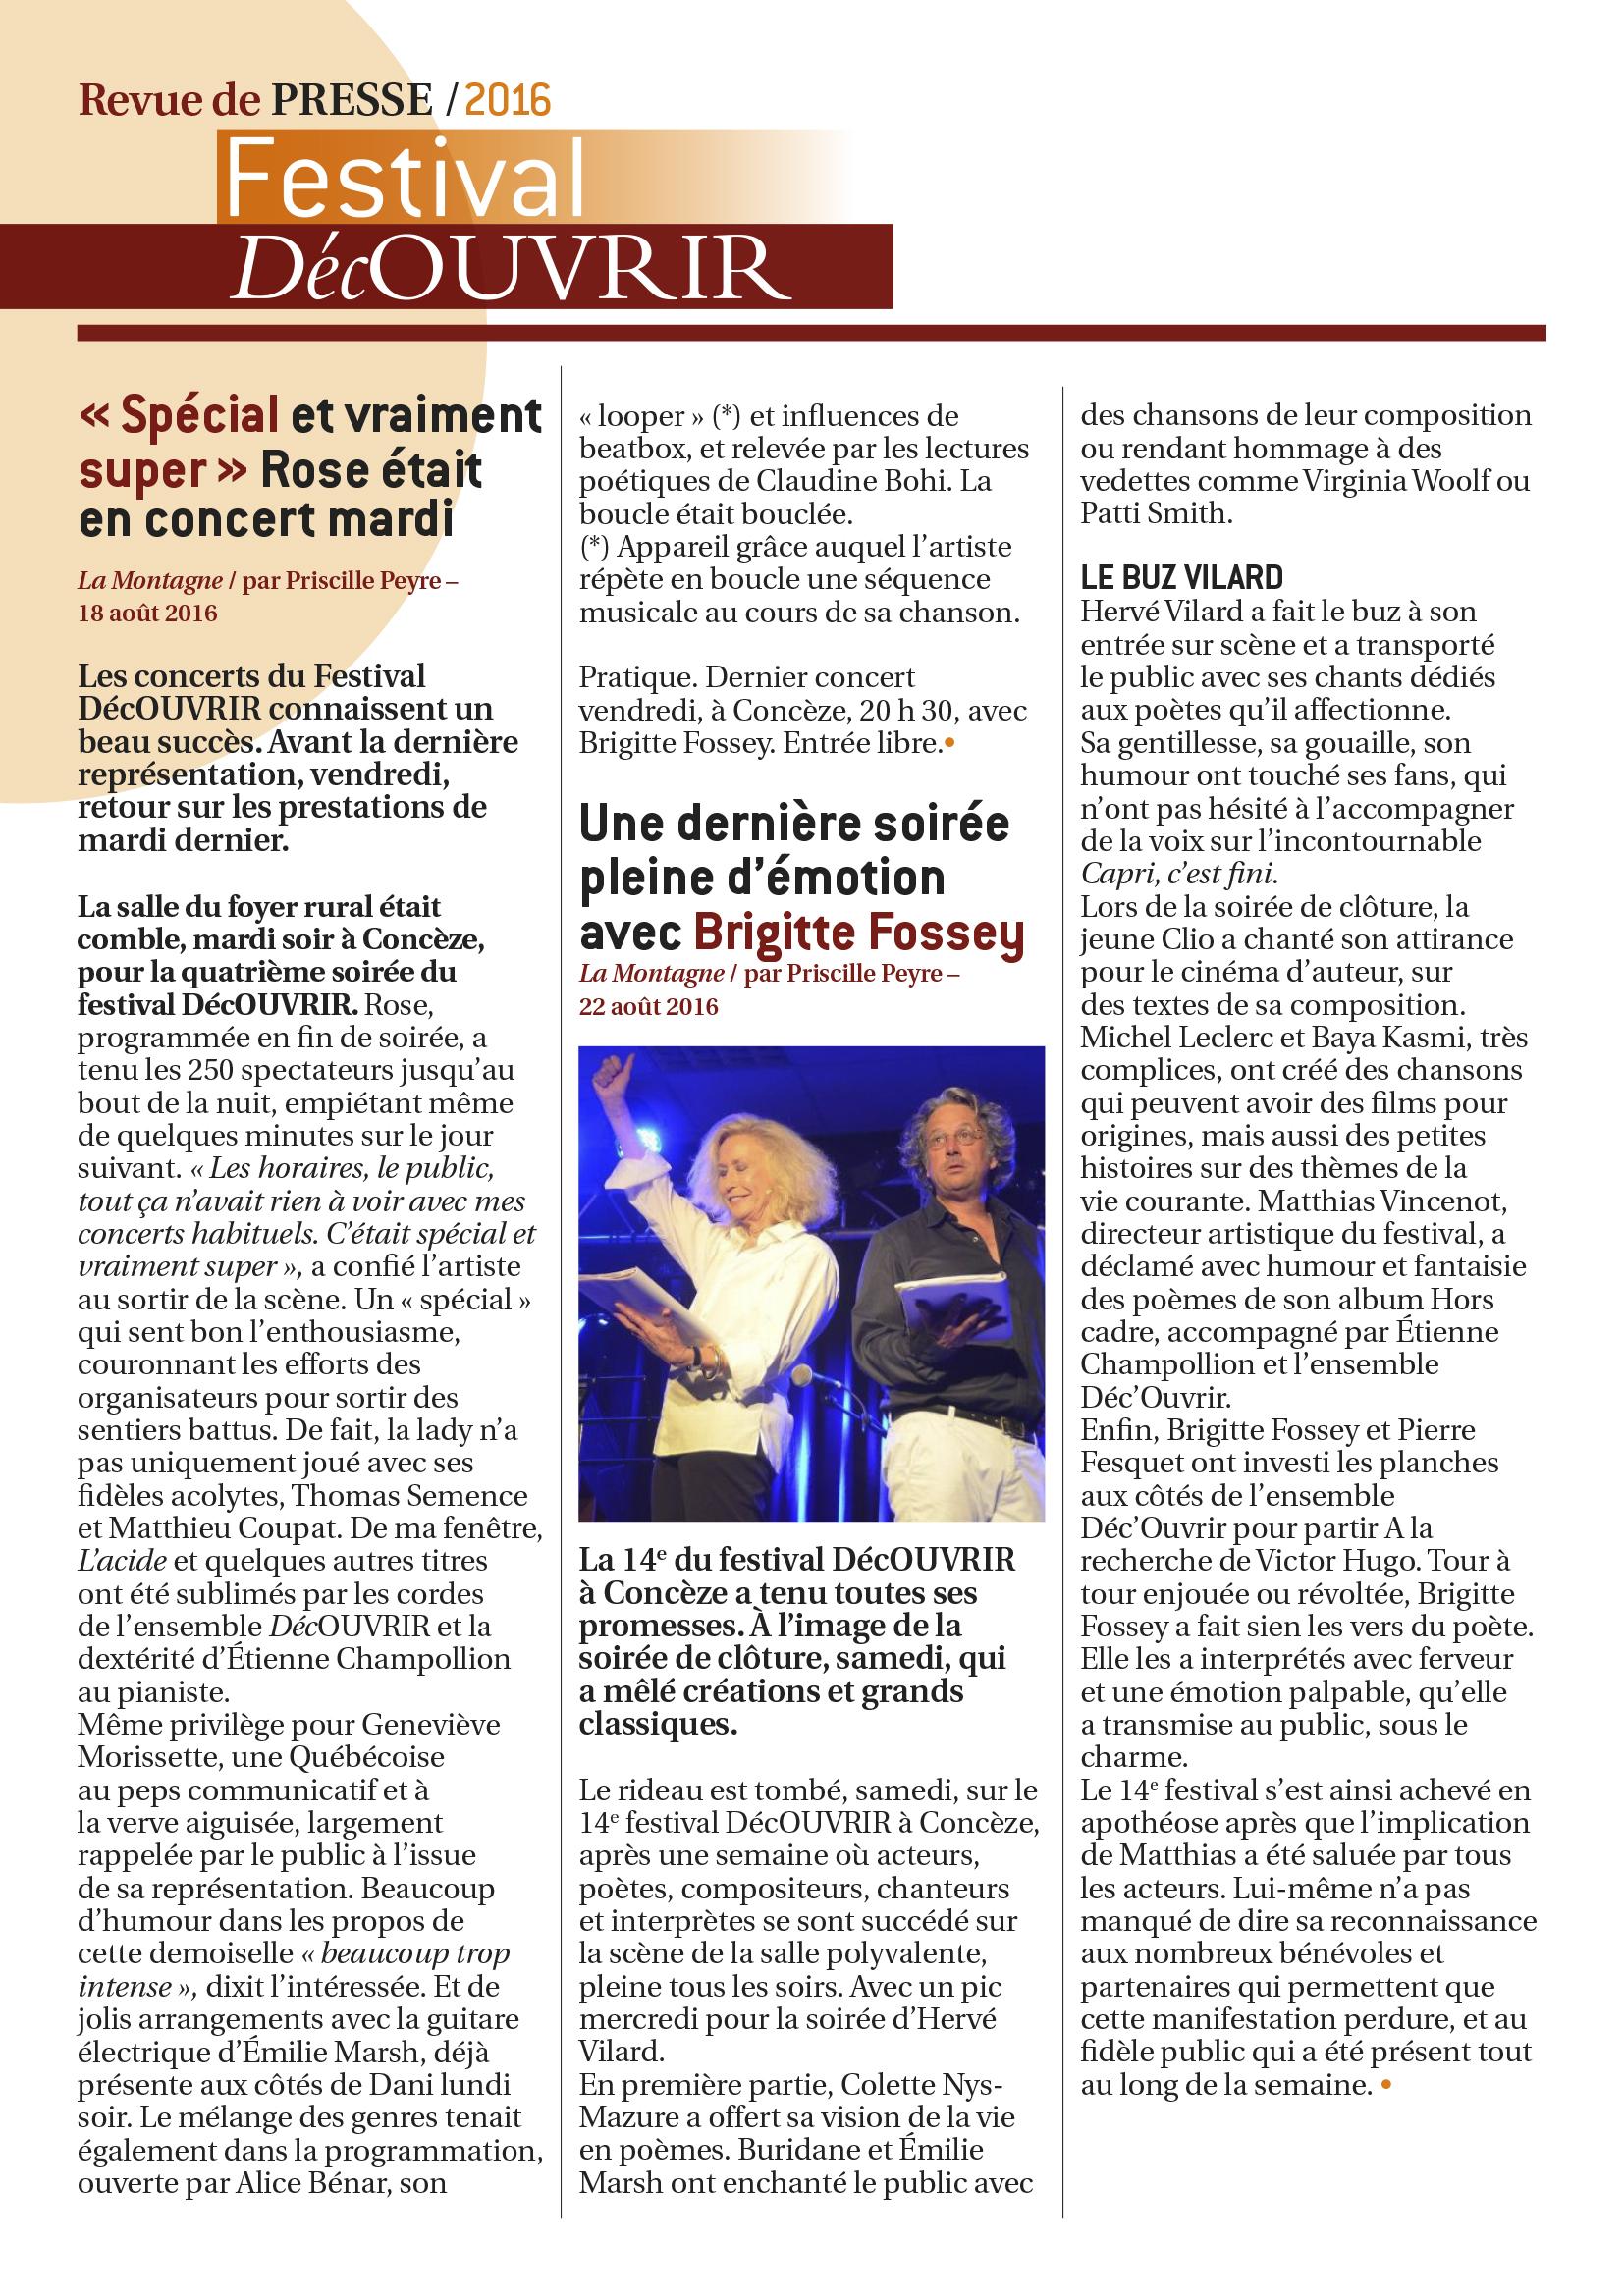 Revue de Presse FDC 2016-5